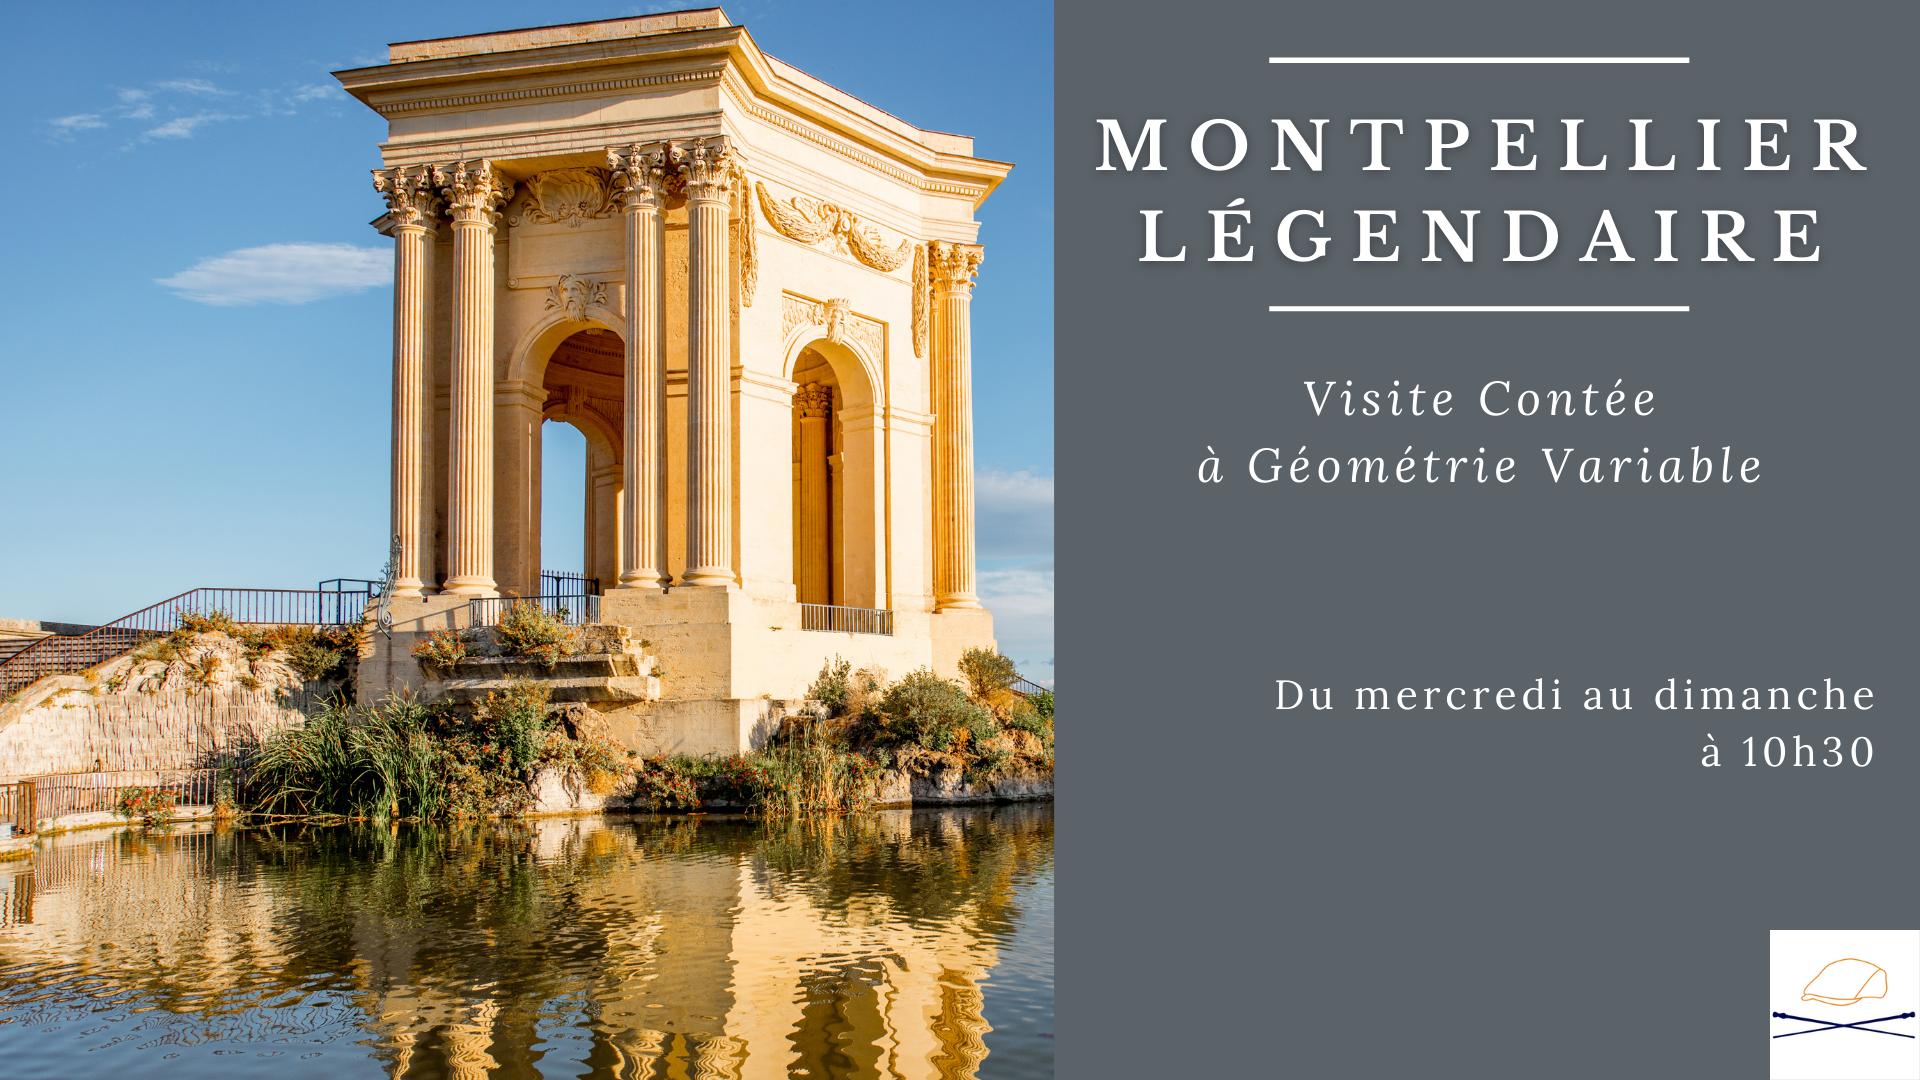 Montpellier Légendaire plein tarif